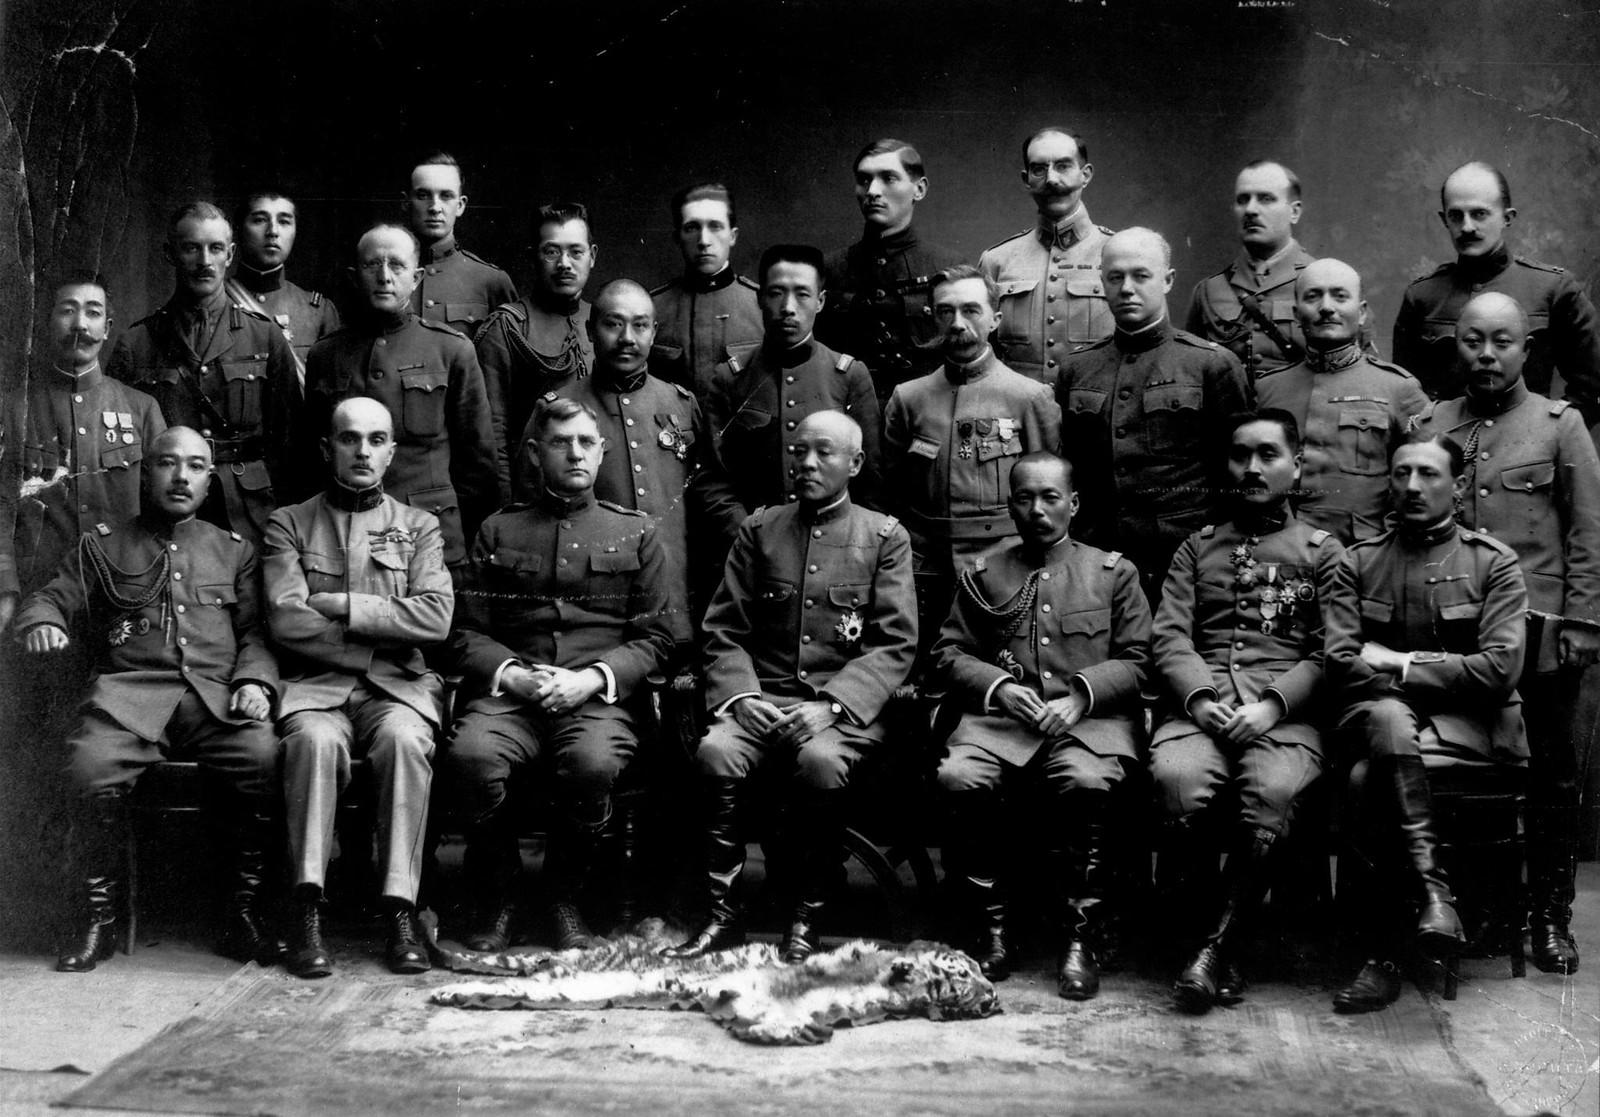 1918. Американский генерал-майор Уильям С. Грейвс и генерал Кикудзо Отани, их штабы